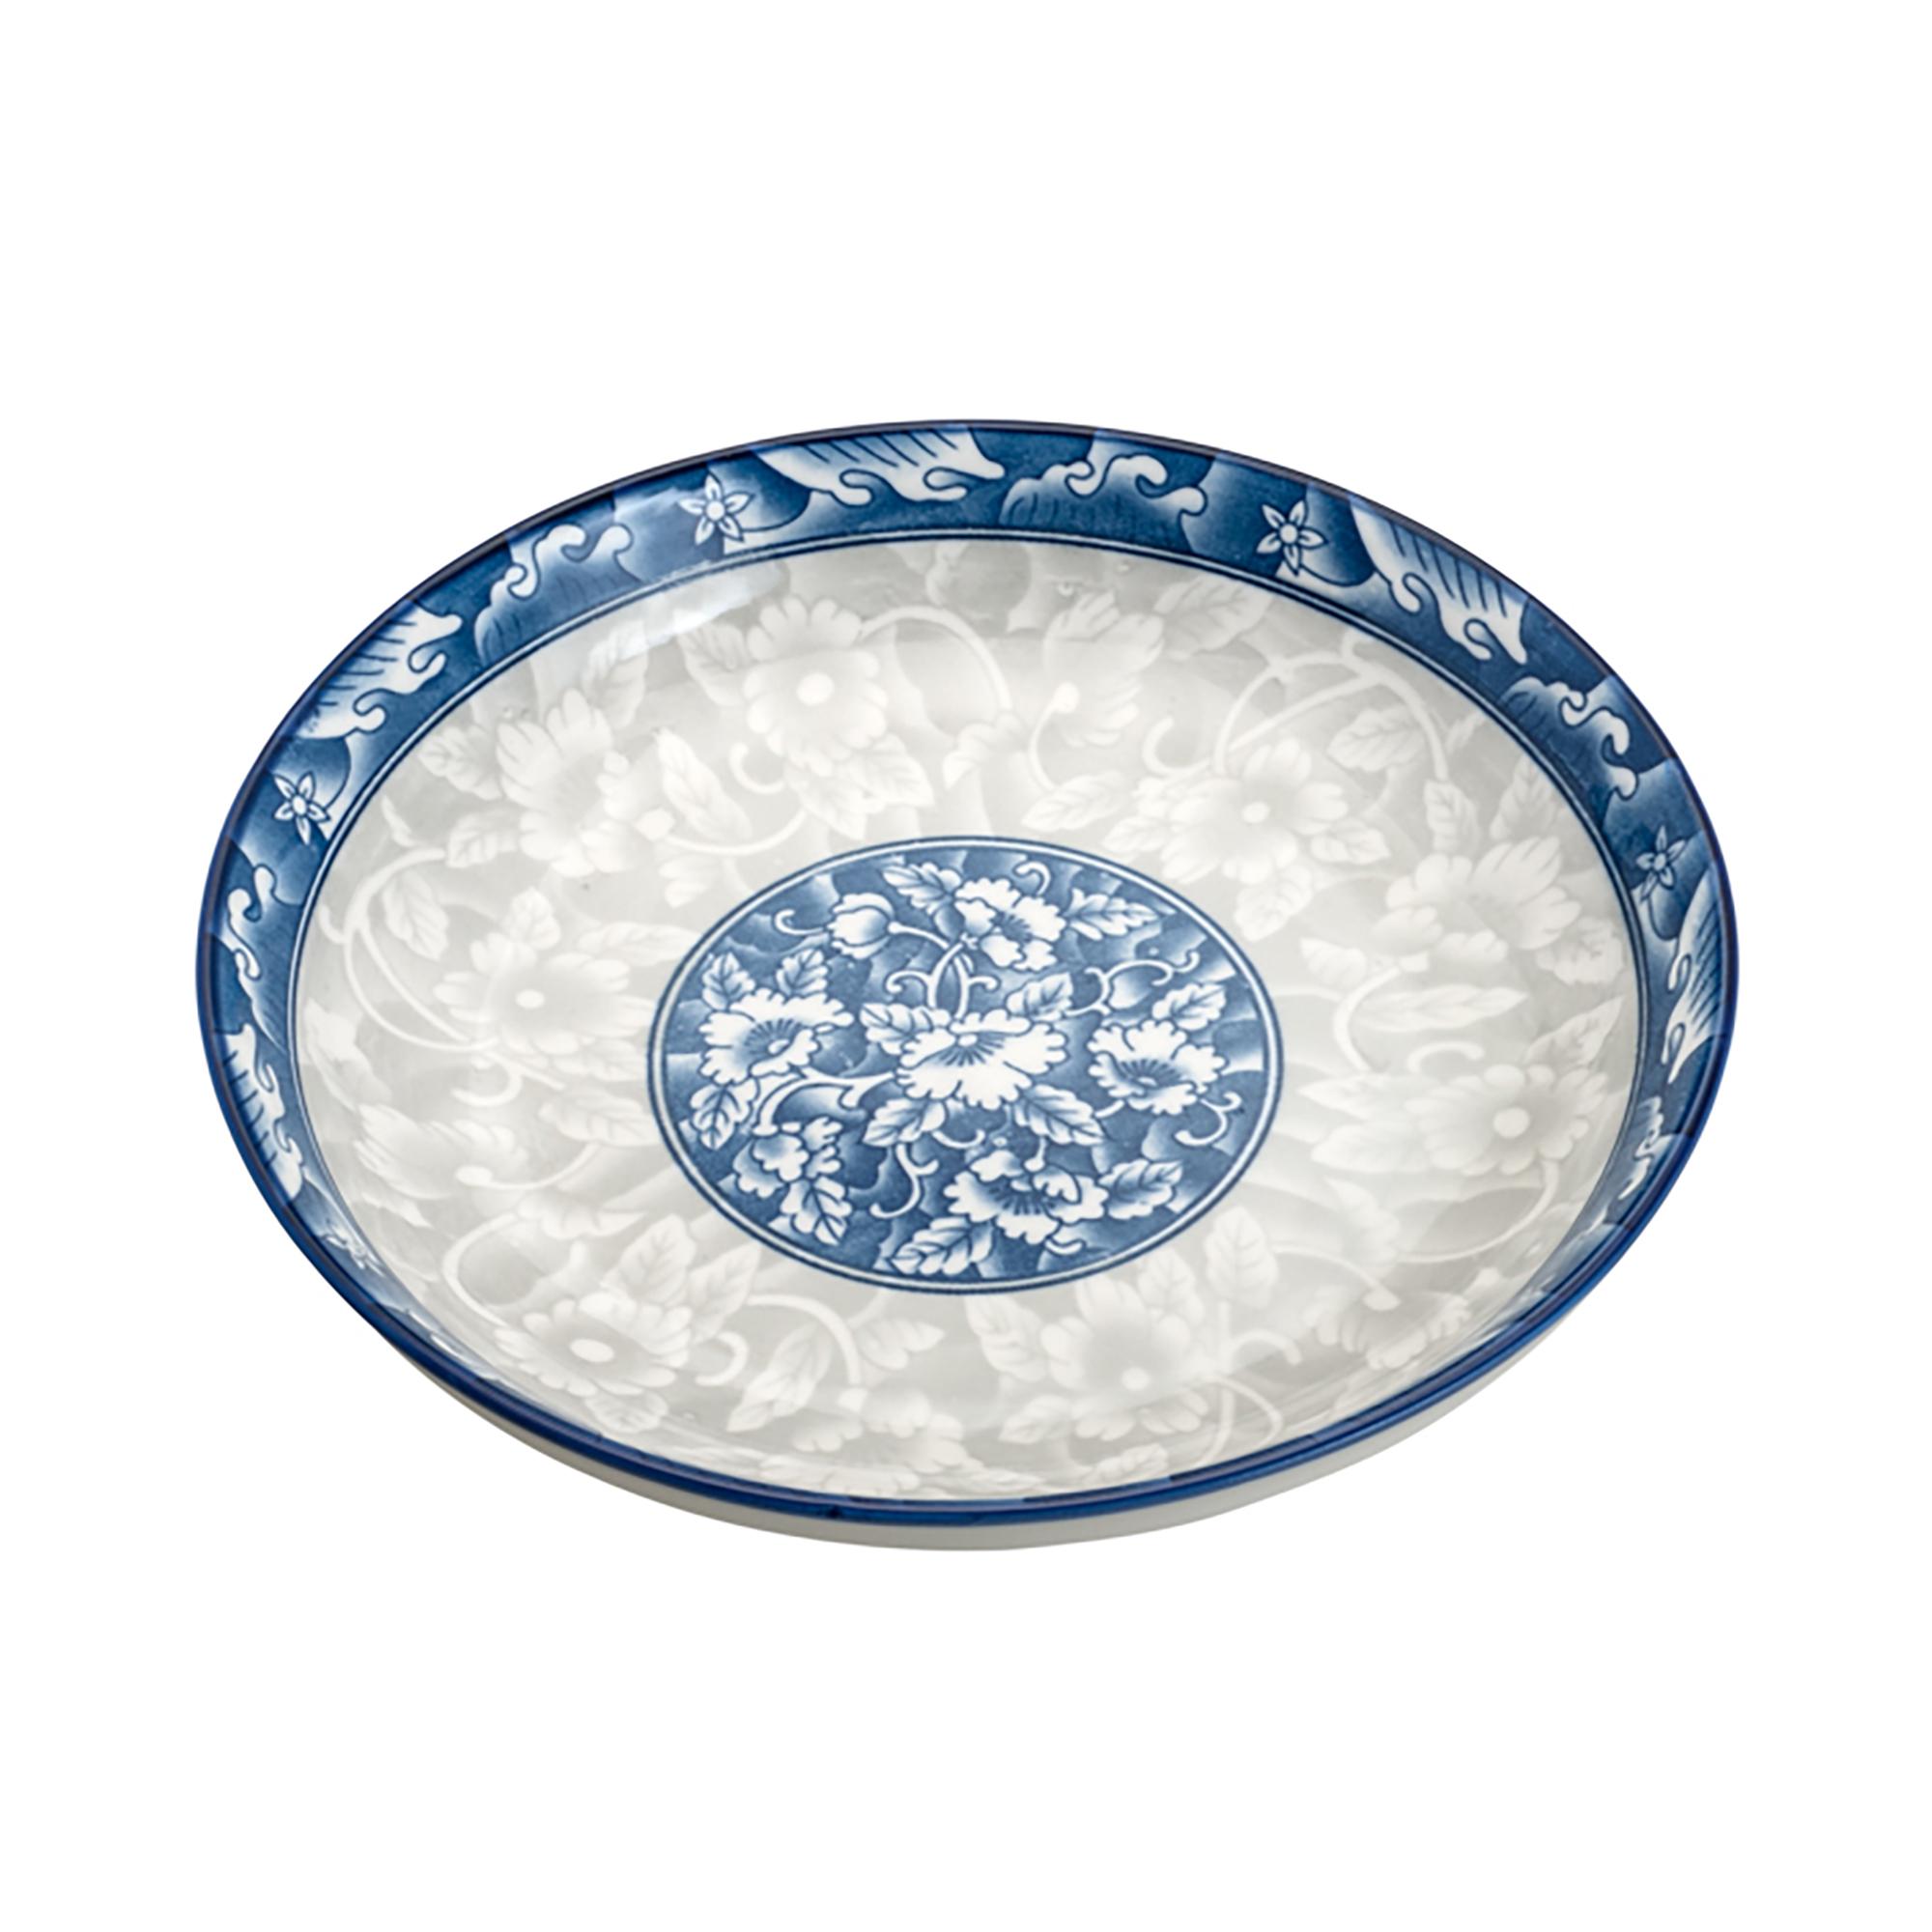 PRATO FUNDO DE PORCELANA BLUE GARDEN COUPE 18cm